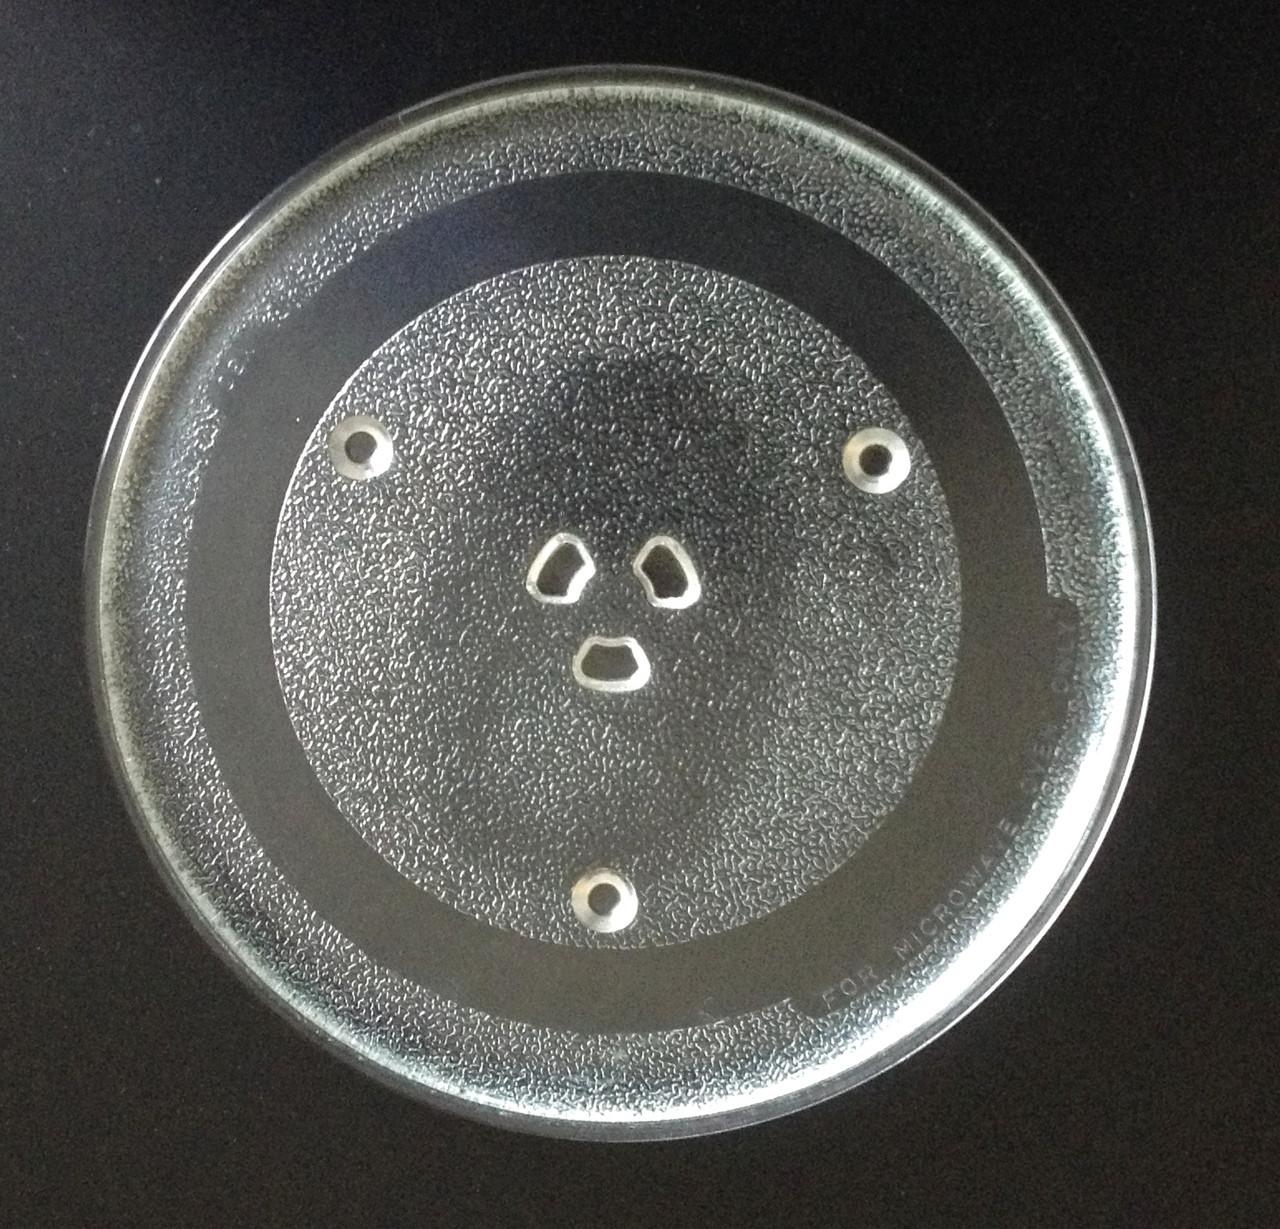 sharp hamilton beach haier microwave turntable plate tray 10 5 8